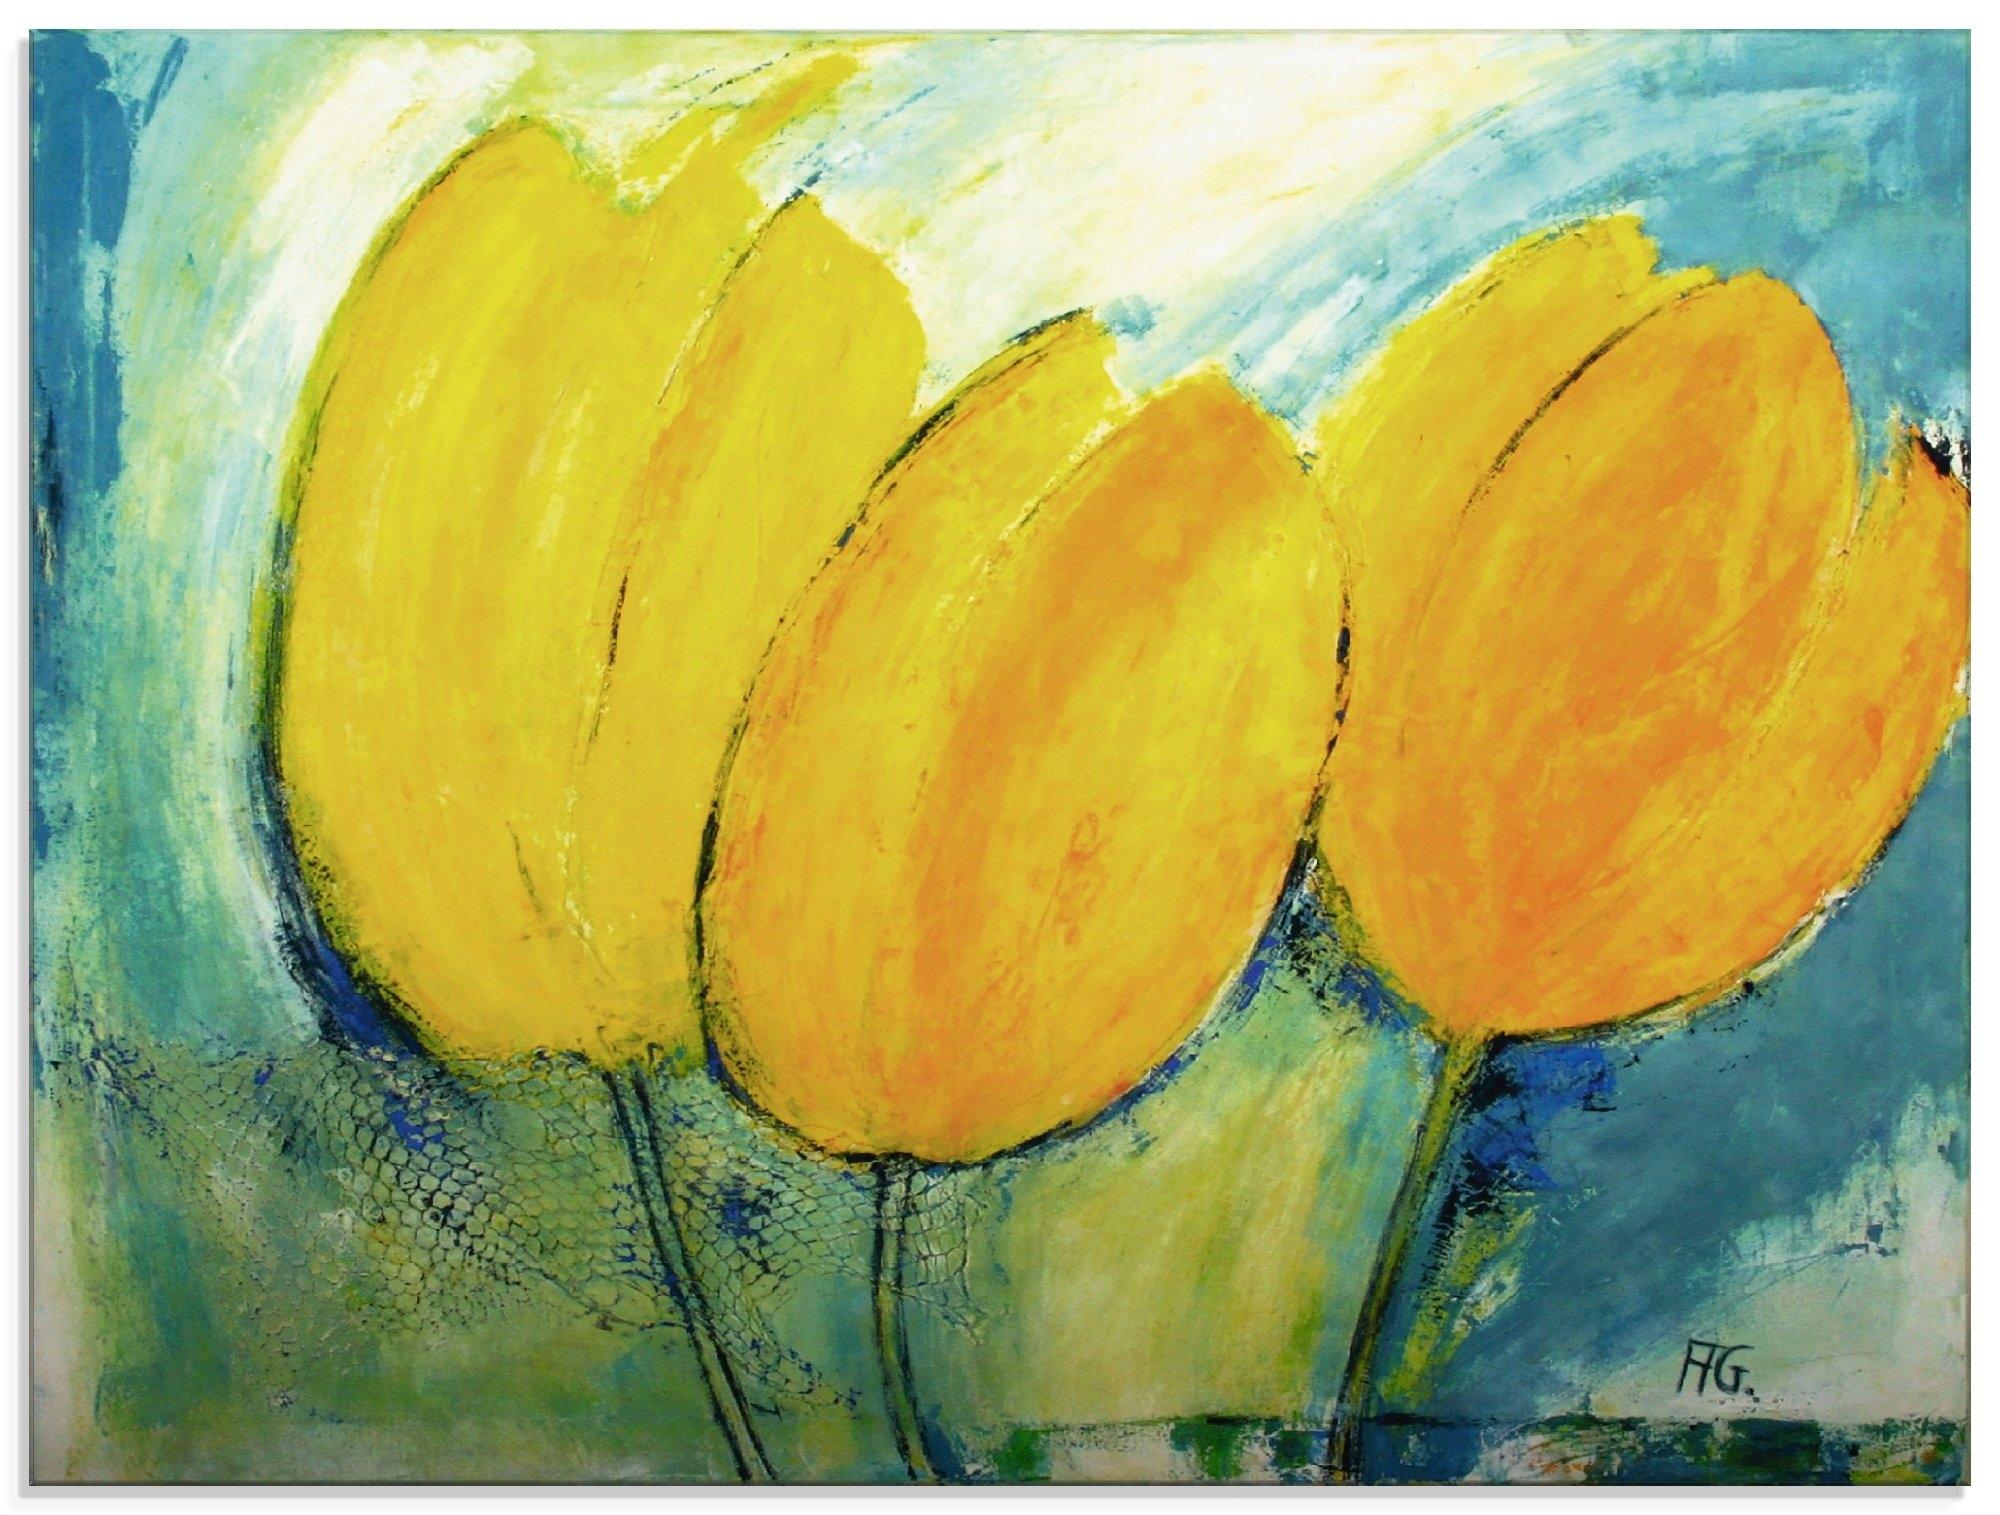 Artland print op glas Tulpen schilderkunst (1 stuk) online kopen op otto.nl